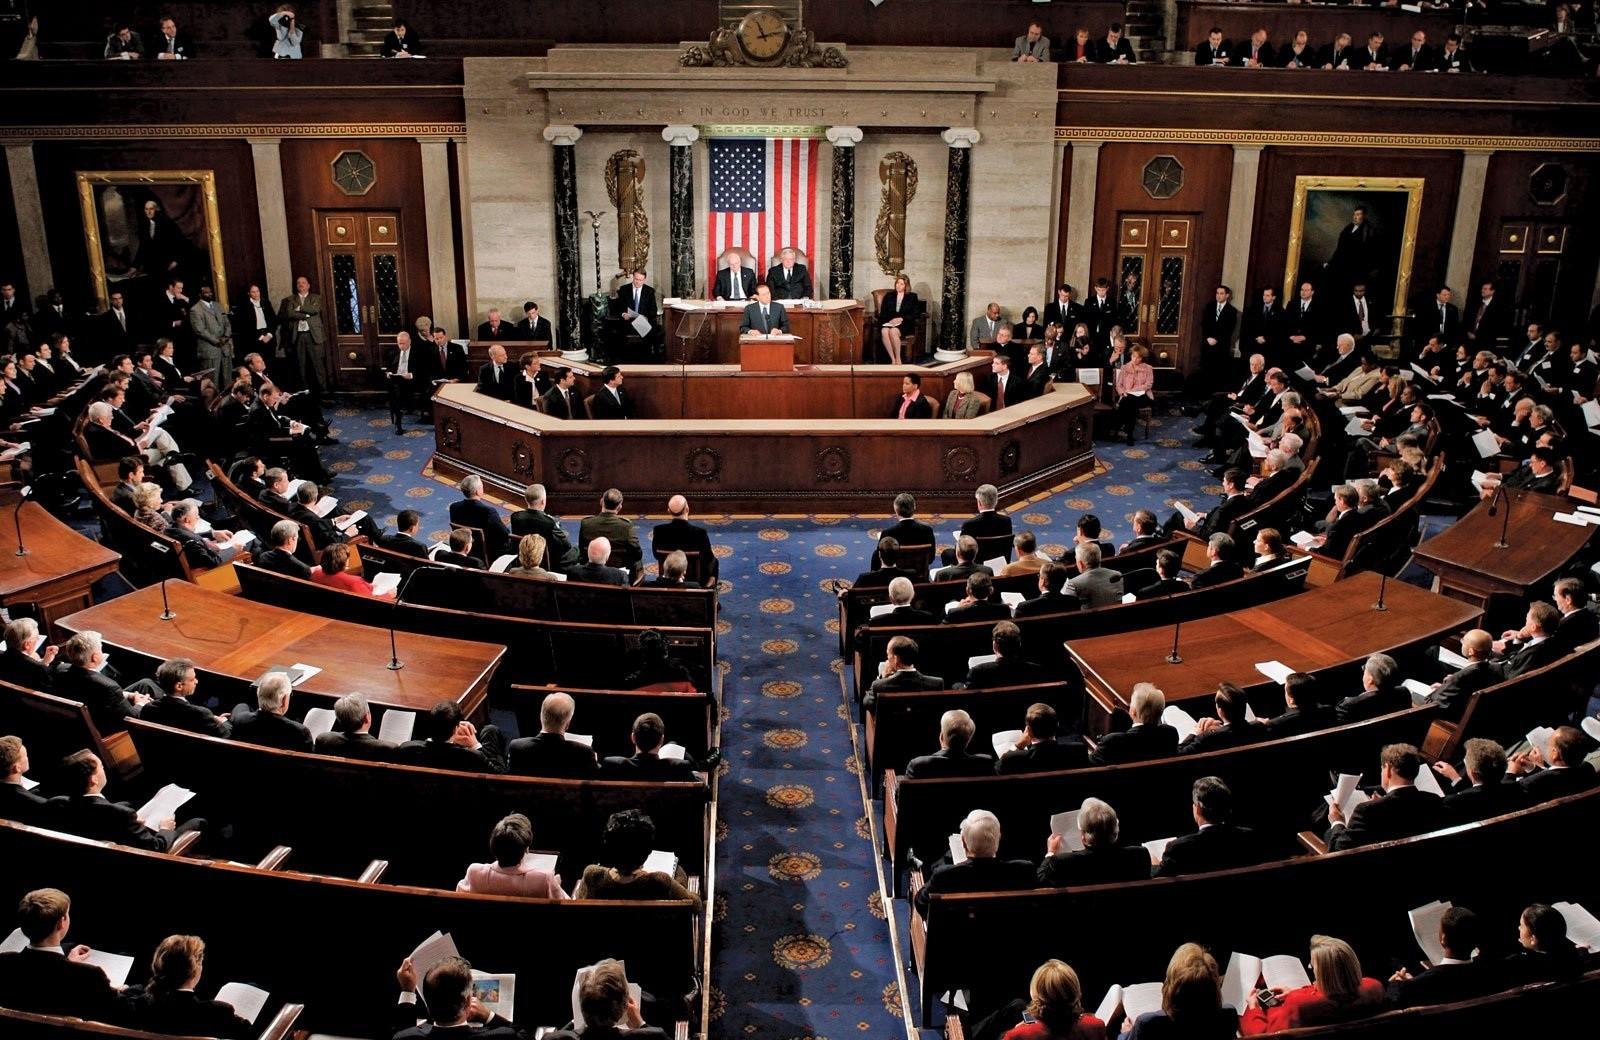 مجلس النواب الأميركي ودوره في ليبيا